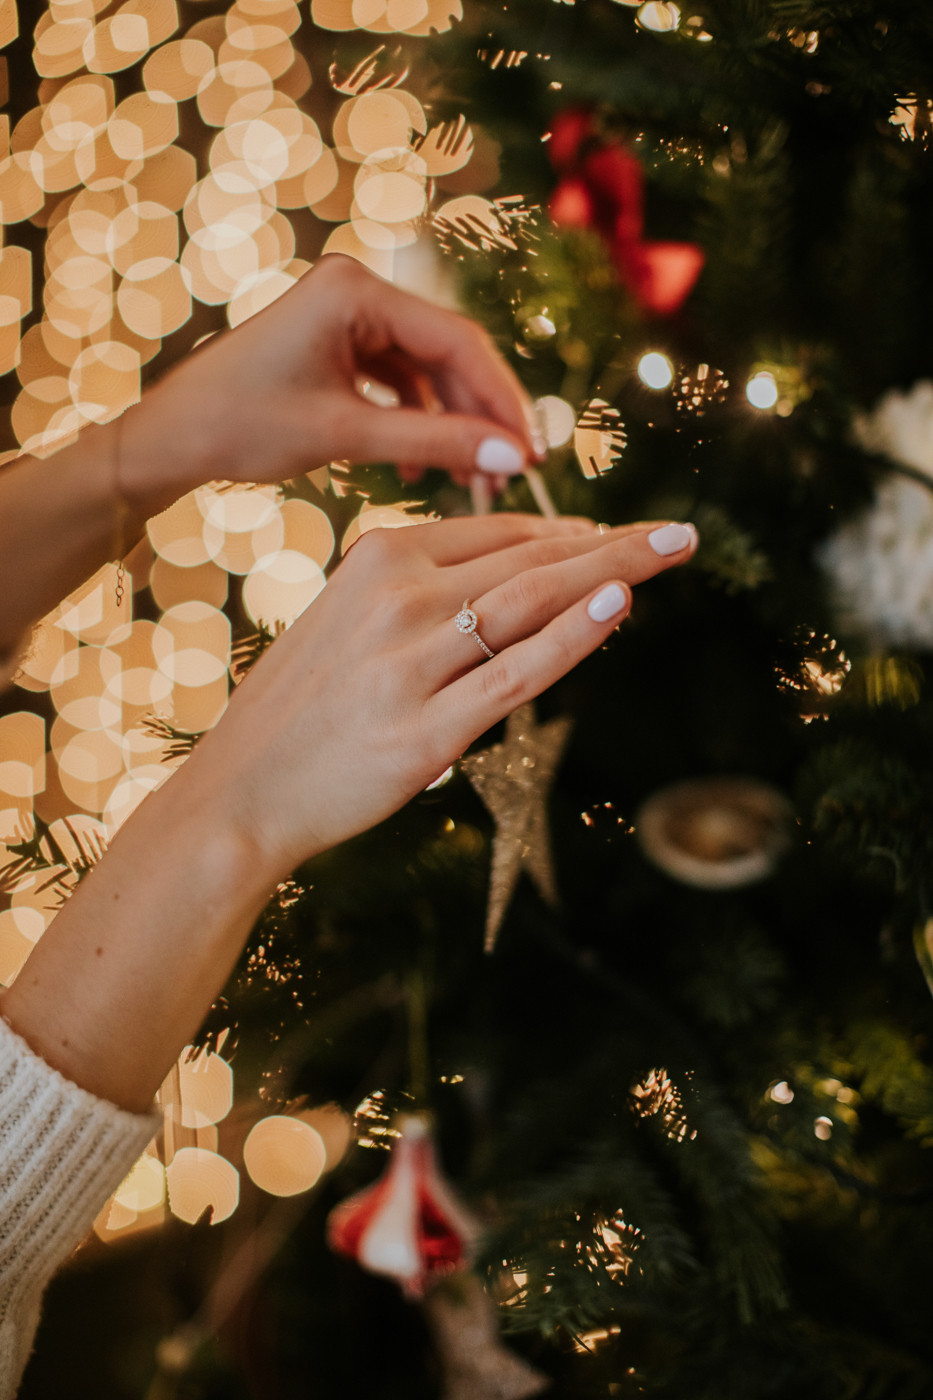 sesja świąteczna, sesja narzeczeńska, narzeczeńskie zdjęcia świąteczne, zdjęcia narzeczeńskie, narzeczona, narzeczony, fotografia ślubna, fotograf ślubny warszawa, studio słoń, studio słoń zdjęcia świąteczne, pierścionek zaręczynowy